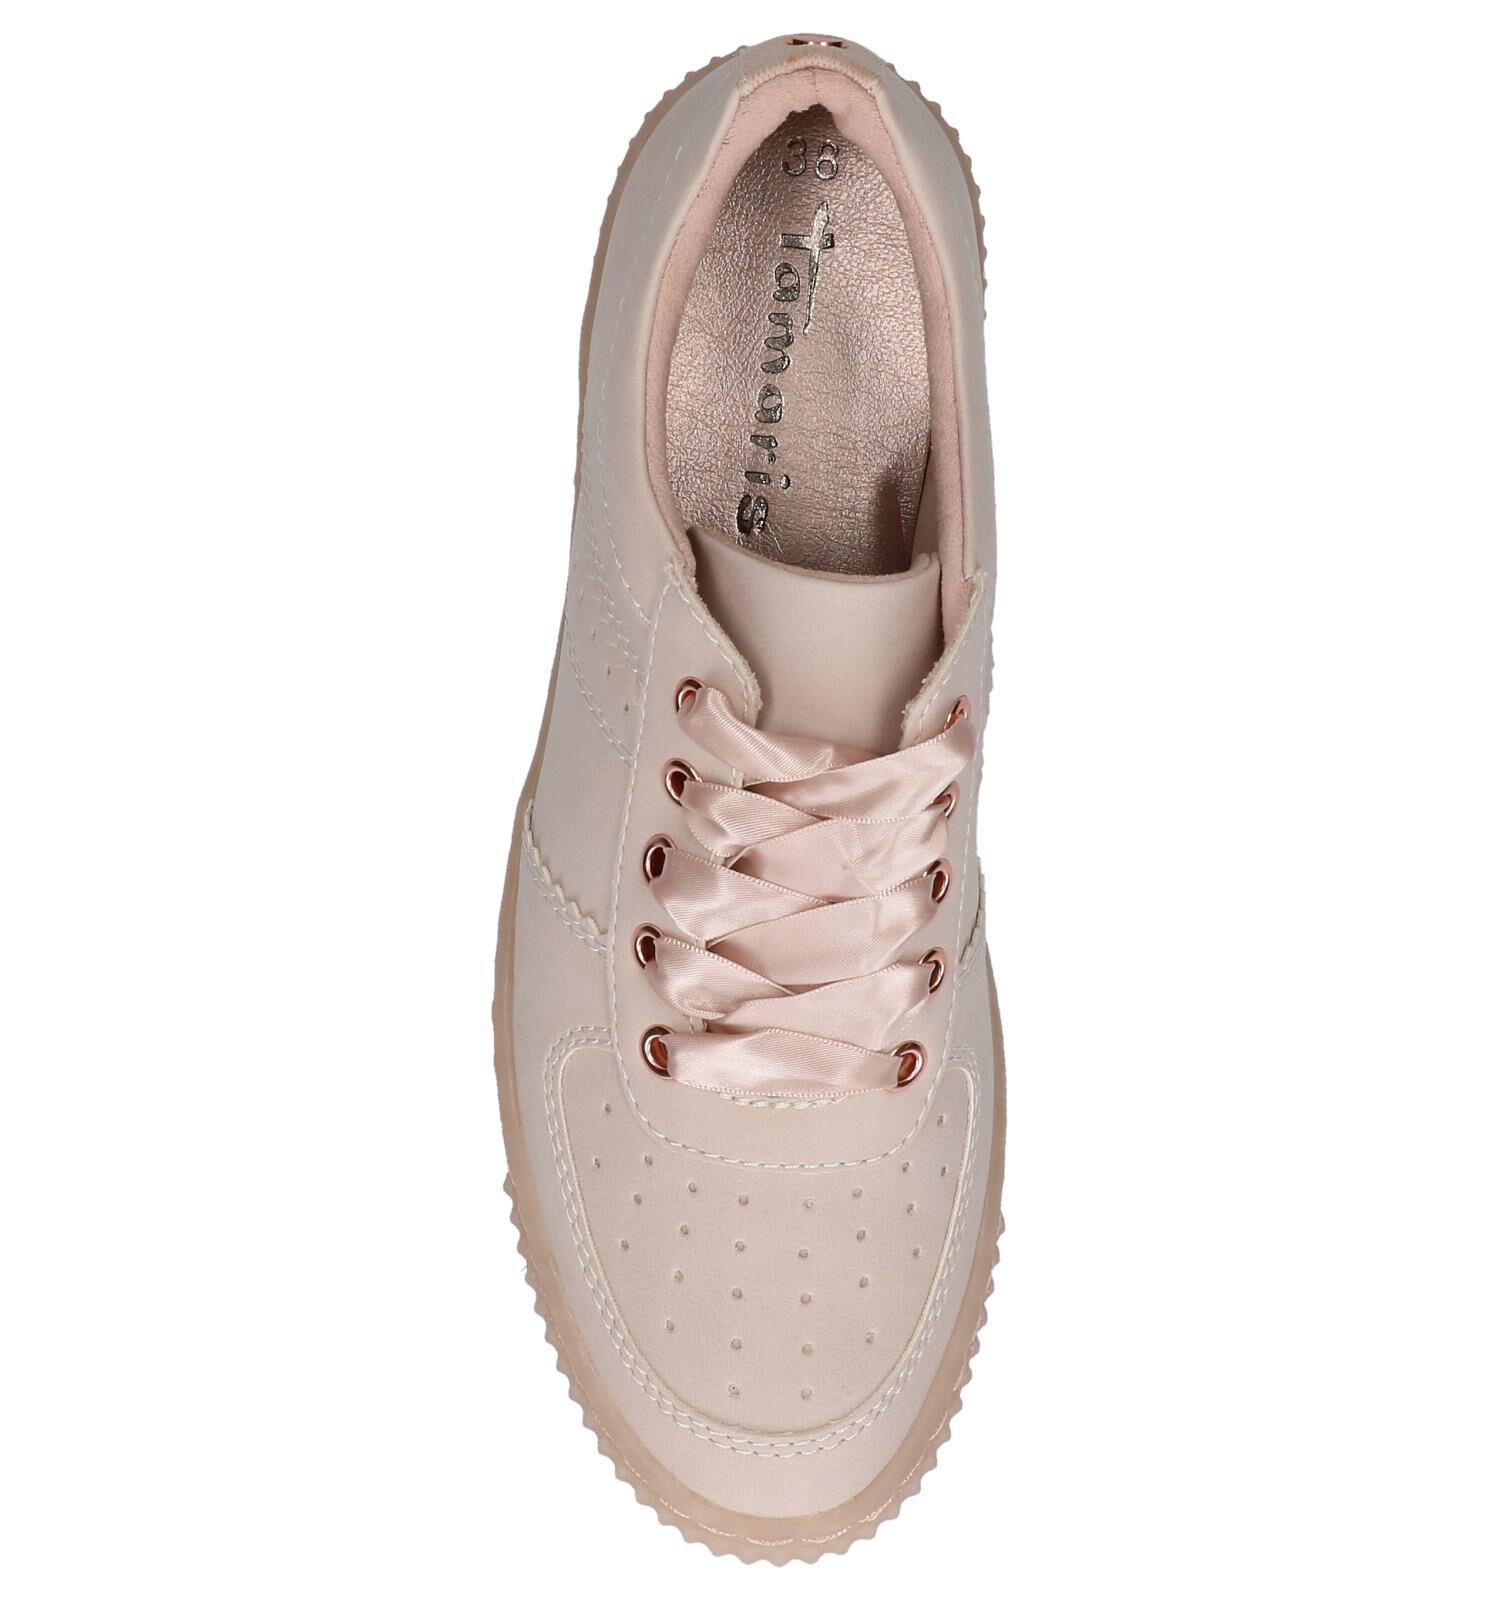 Lacetsrose Tamaris À Tamaris À Tamaris Chaussures Chaussures Lacetsrose Chaussures Chaussures Tamaris À Lacetsrose À TkOuwPXZi